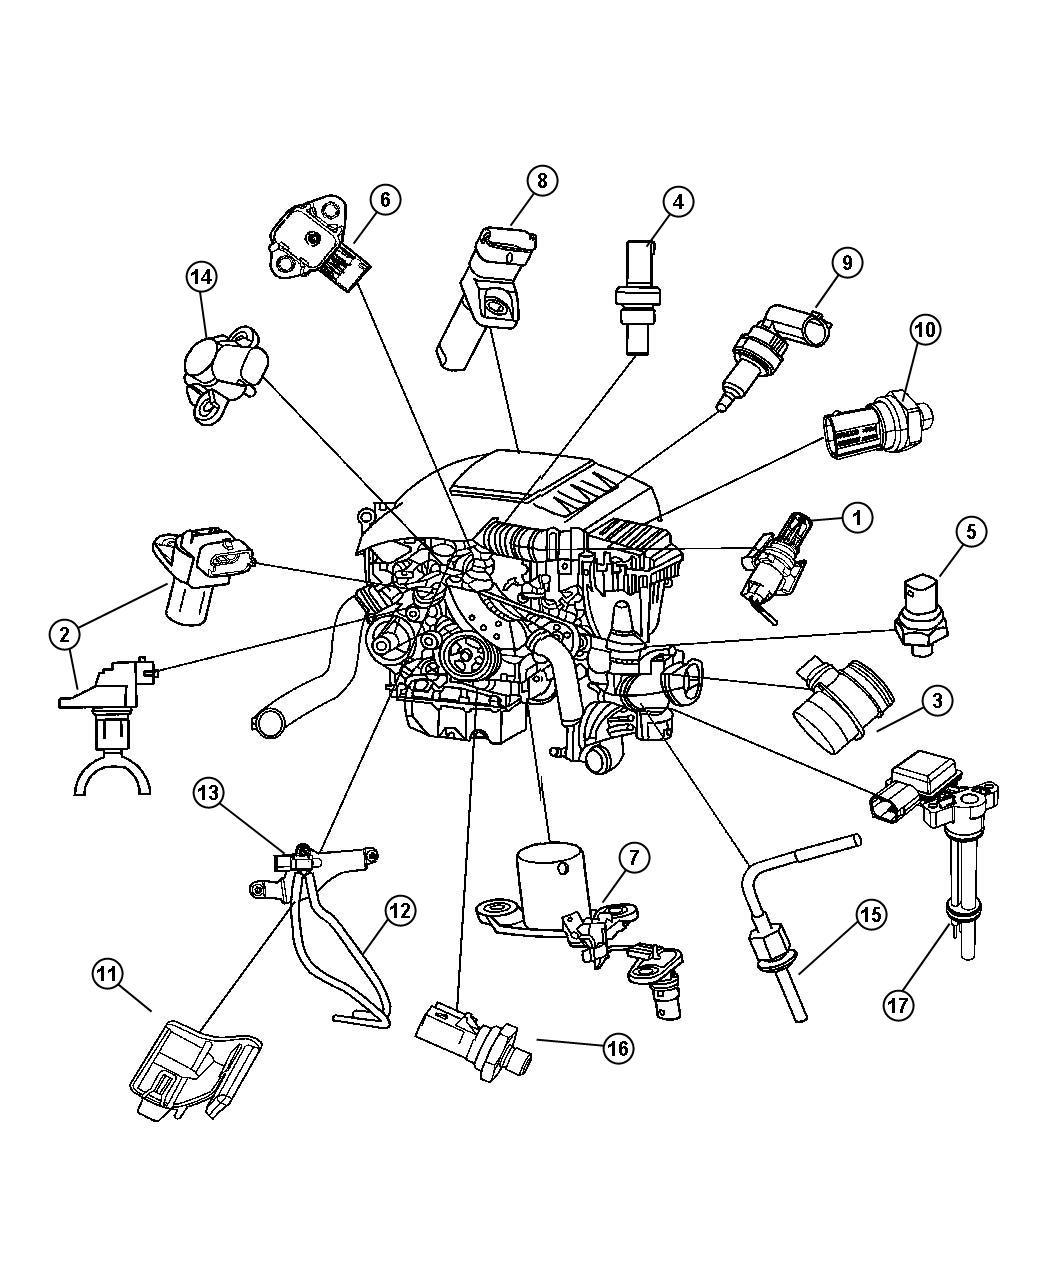 2011 Dodge Ram 5500 Sending unit, sensor. Oil level, oil